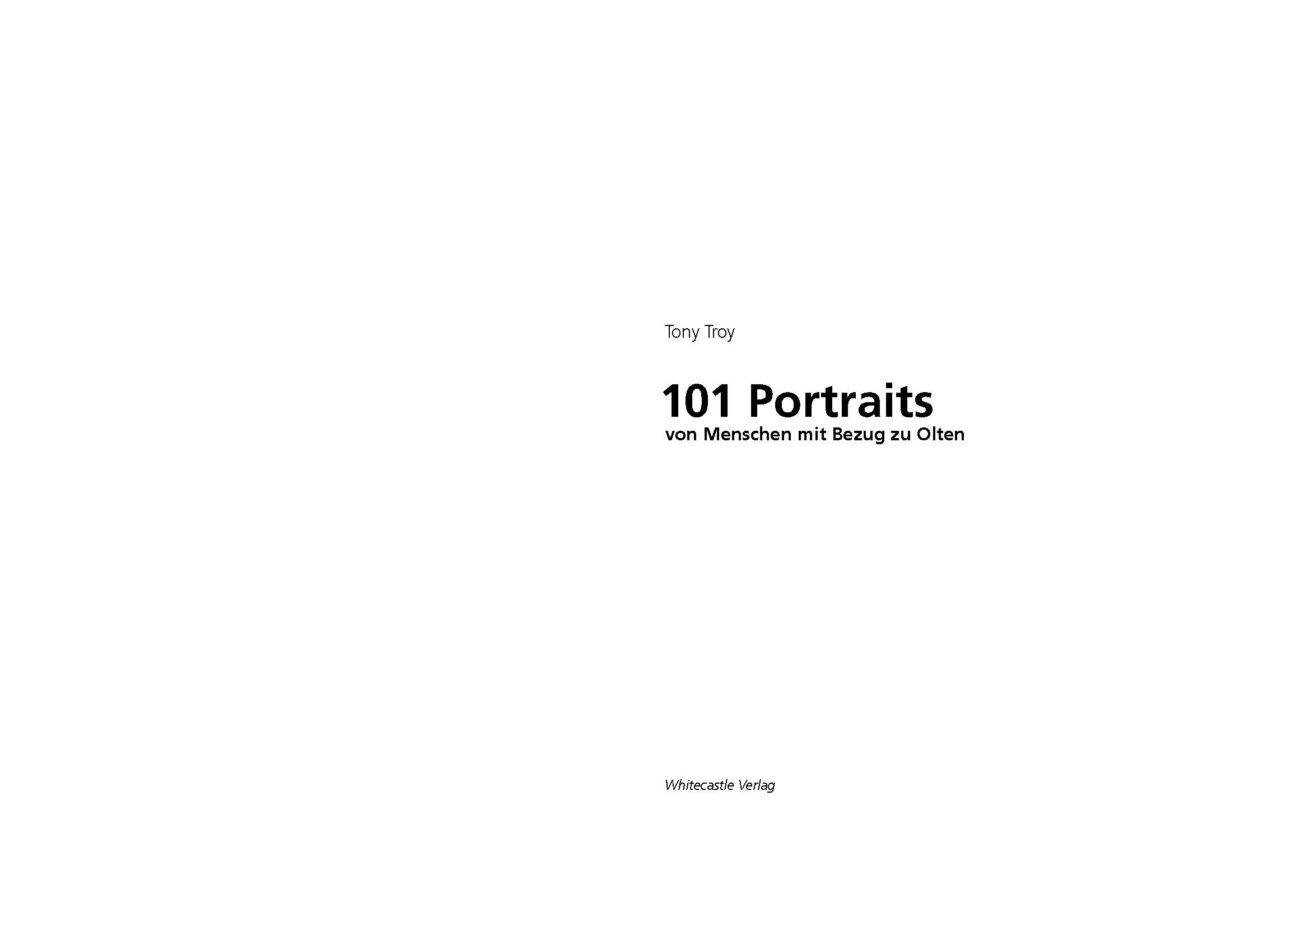 101 Portraits von Menschen mit Bezug zu Olten_Seite_03